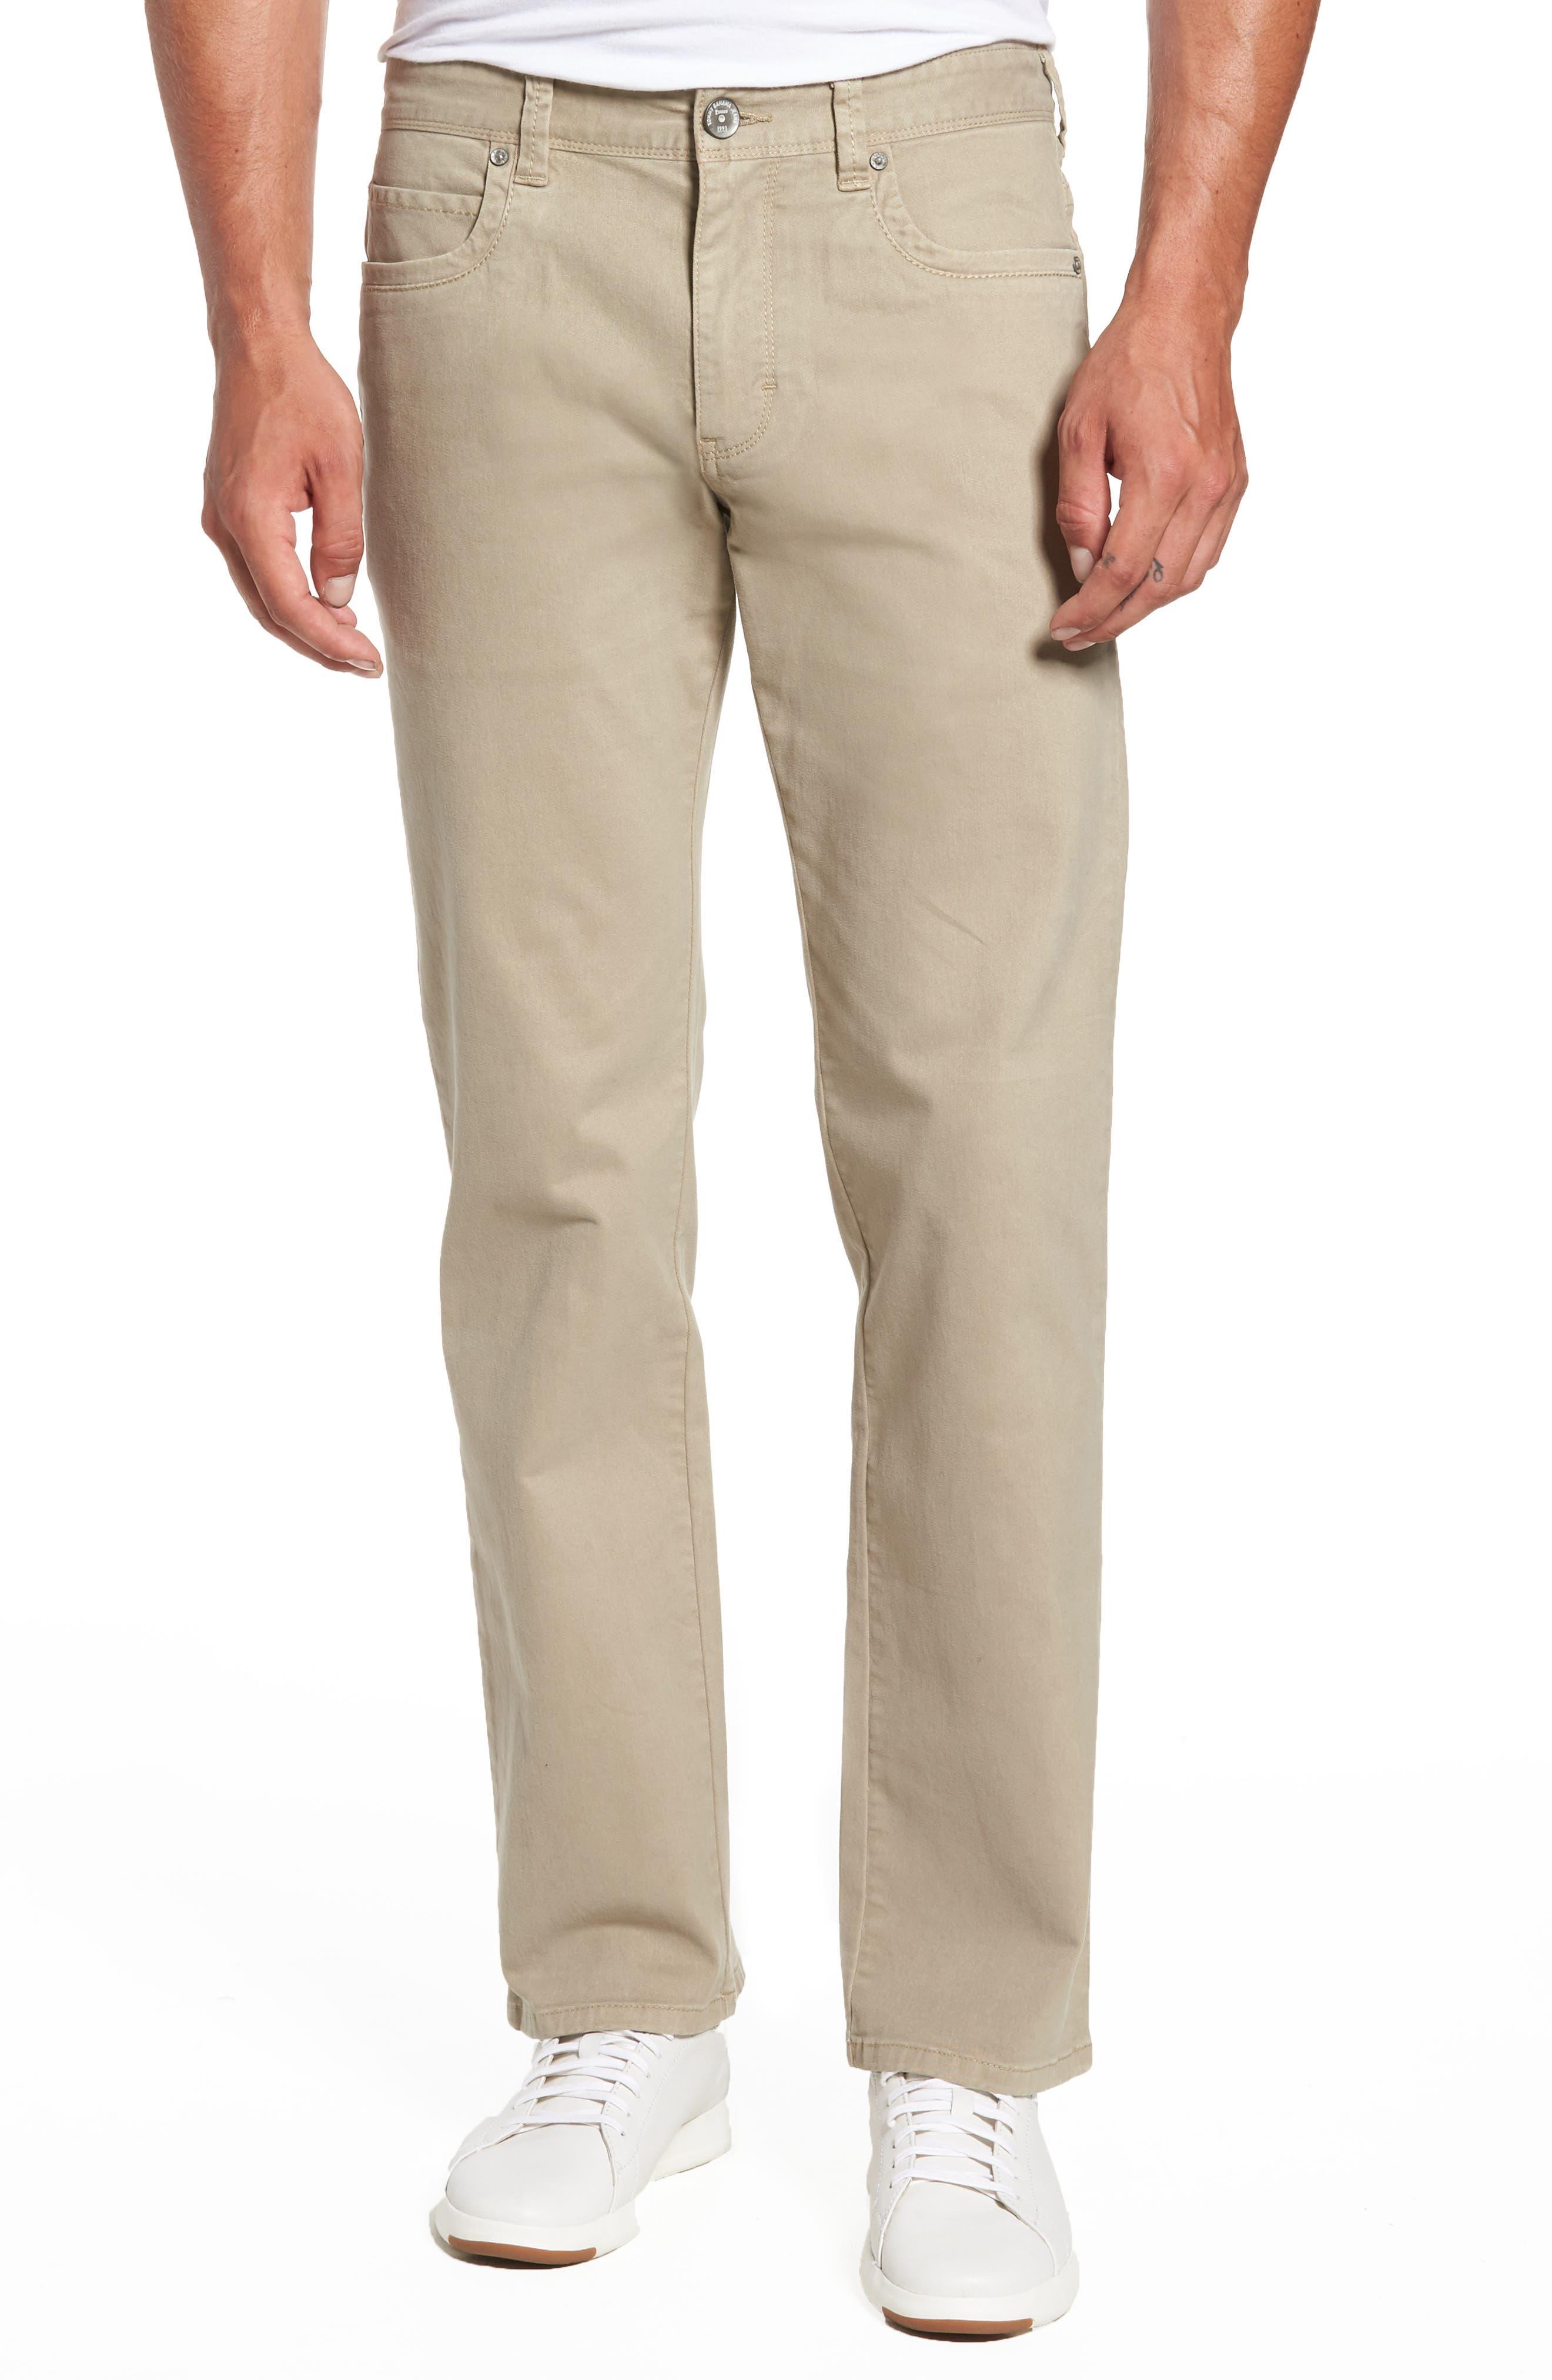 Boracay Pants,                             Main thumbnail 1, color,                             Khaki